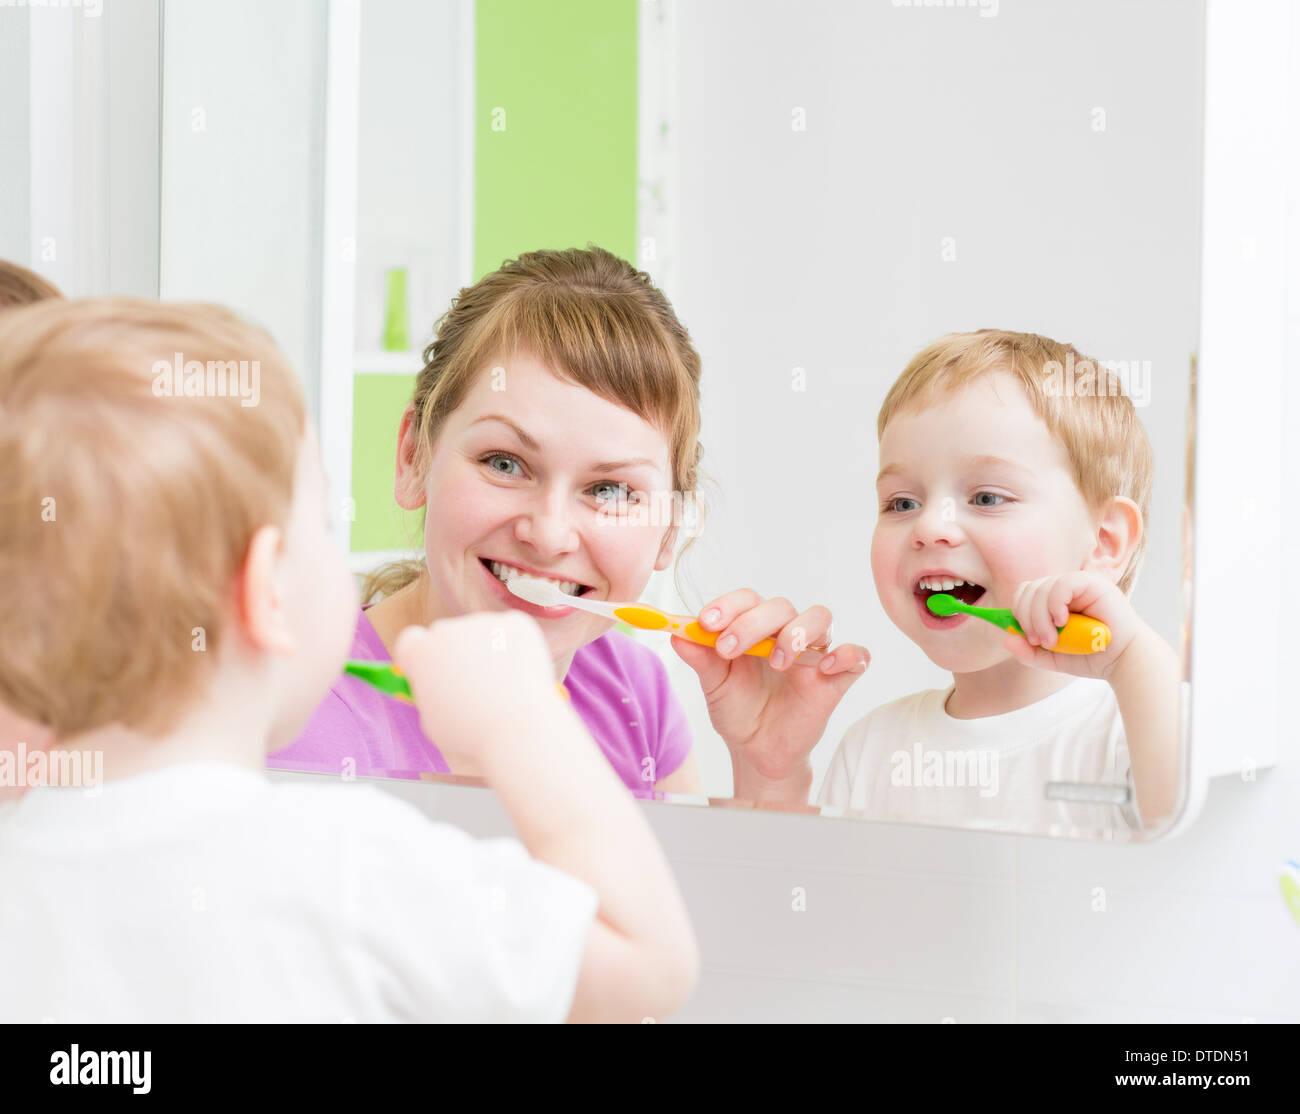 Dating-mädchen mit zusammengebissenen zähnen